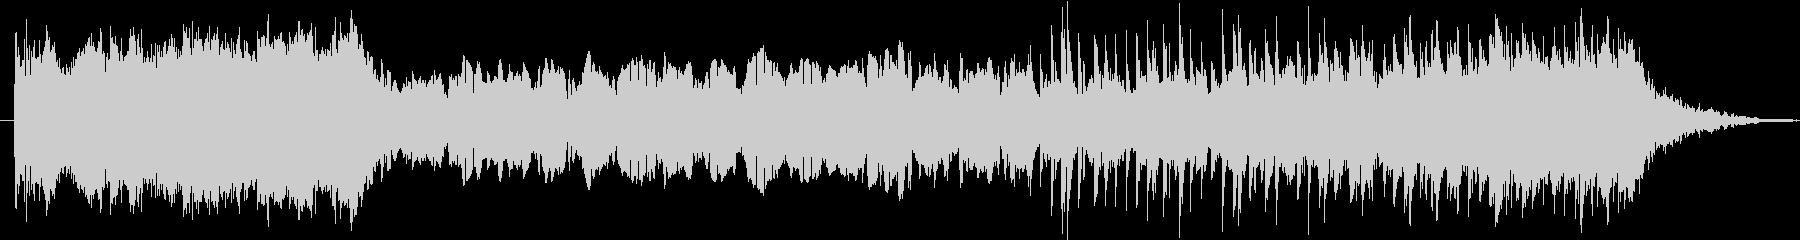 パワフルでオーケストラ的な電子サウンドの未再生の波形